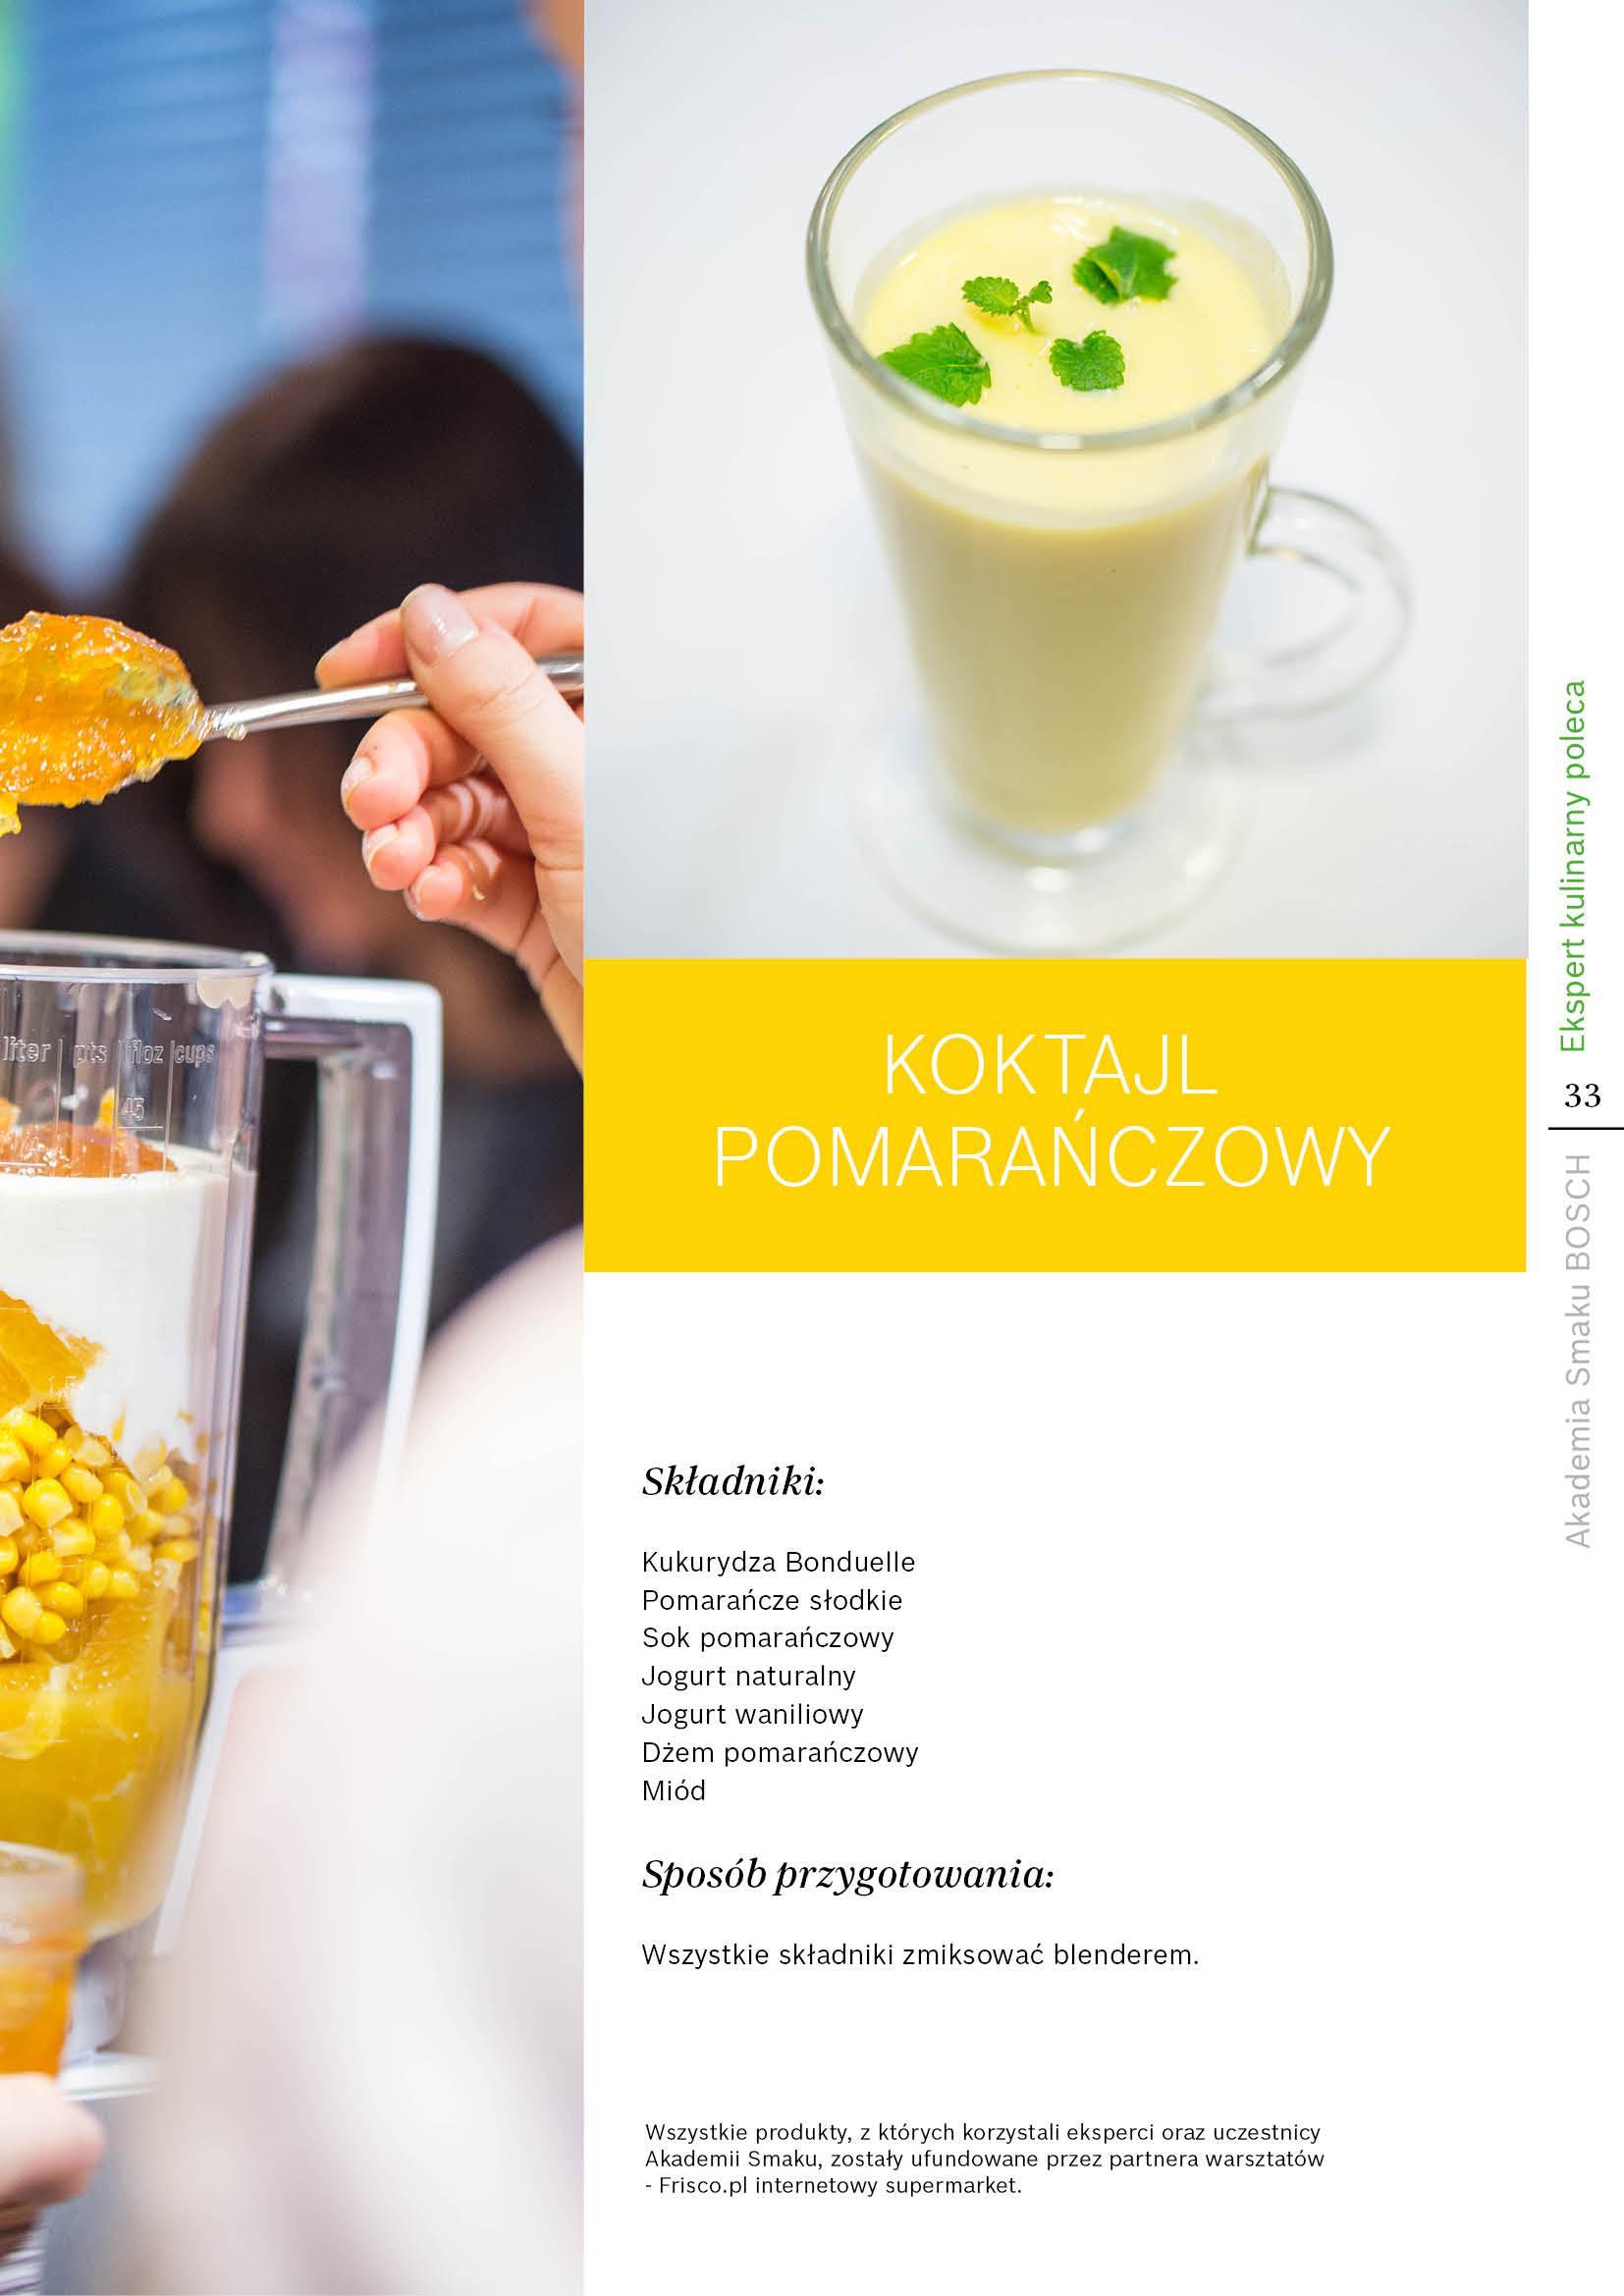 Kuchnia w parze ze zdrowiem - Strona 33